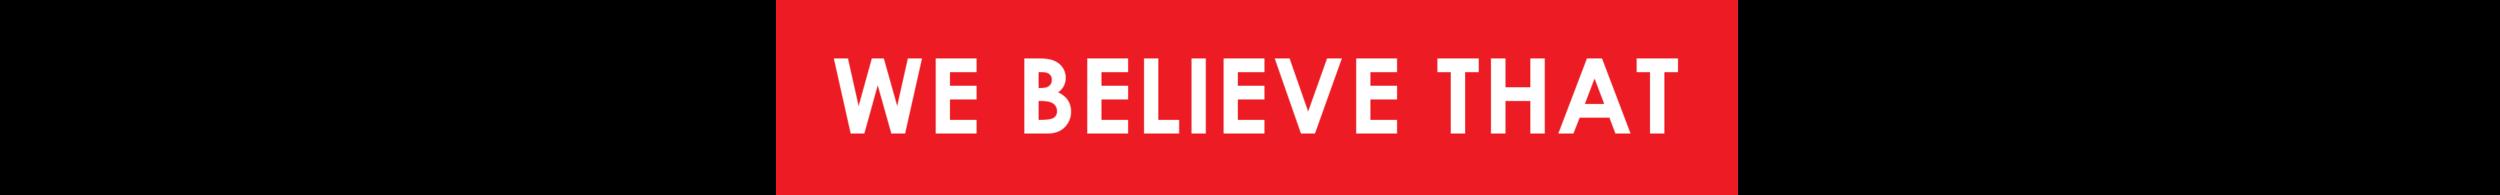 we believe thta.png